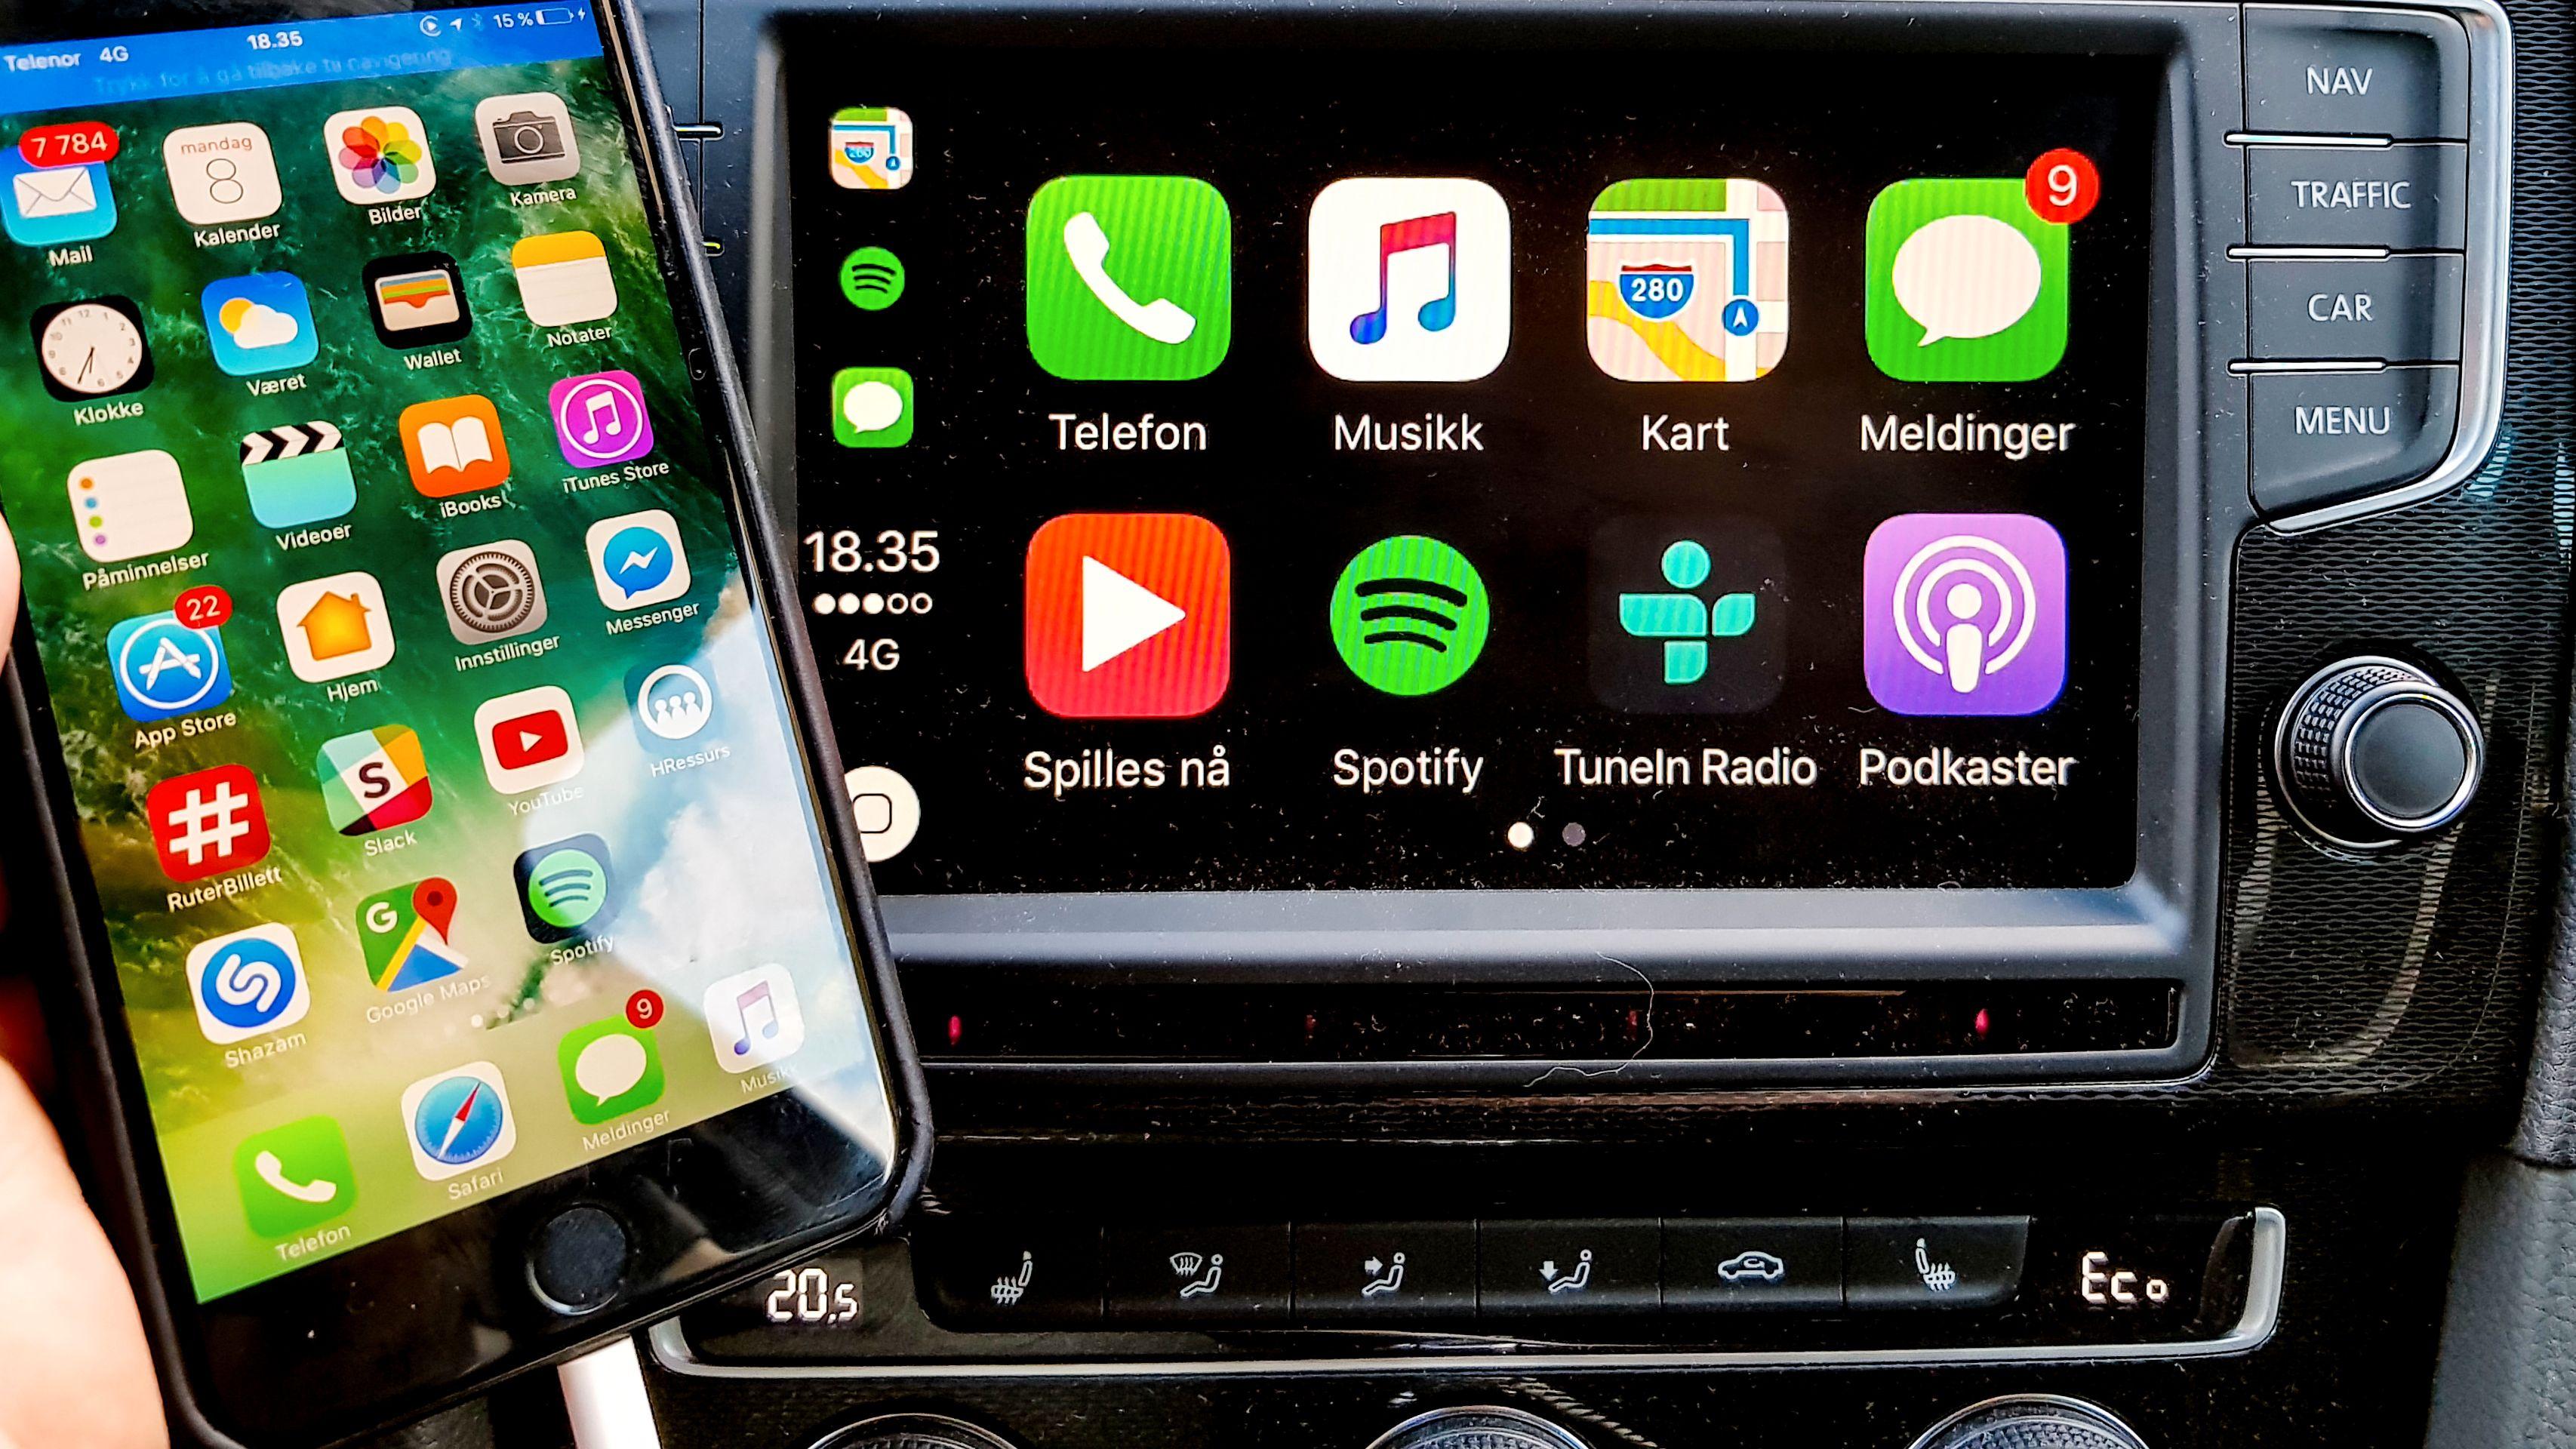 Systemene skal fremdeles kunne brukes med Apple CarPlay. Bilde: Finn Jarle Kvalheim, Tek.no